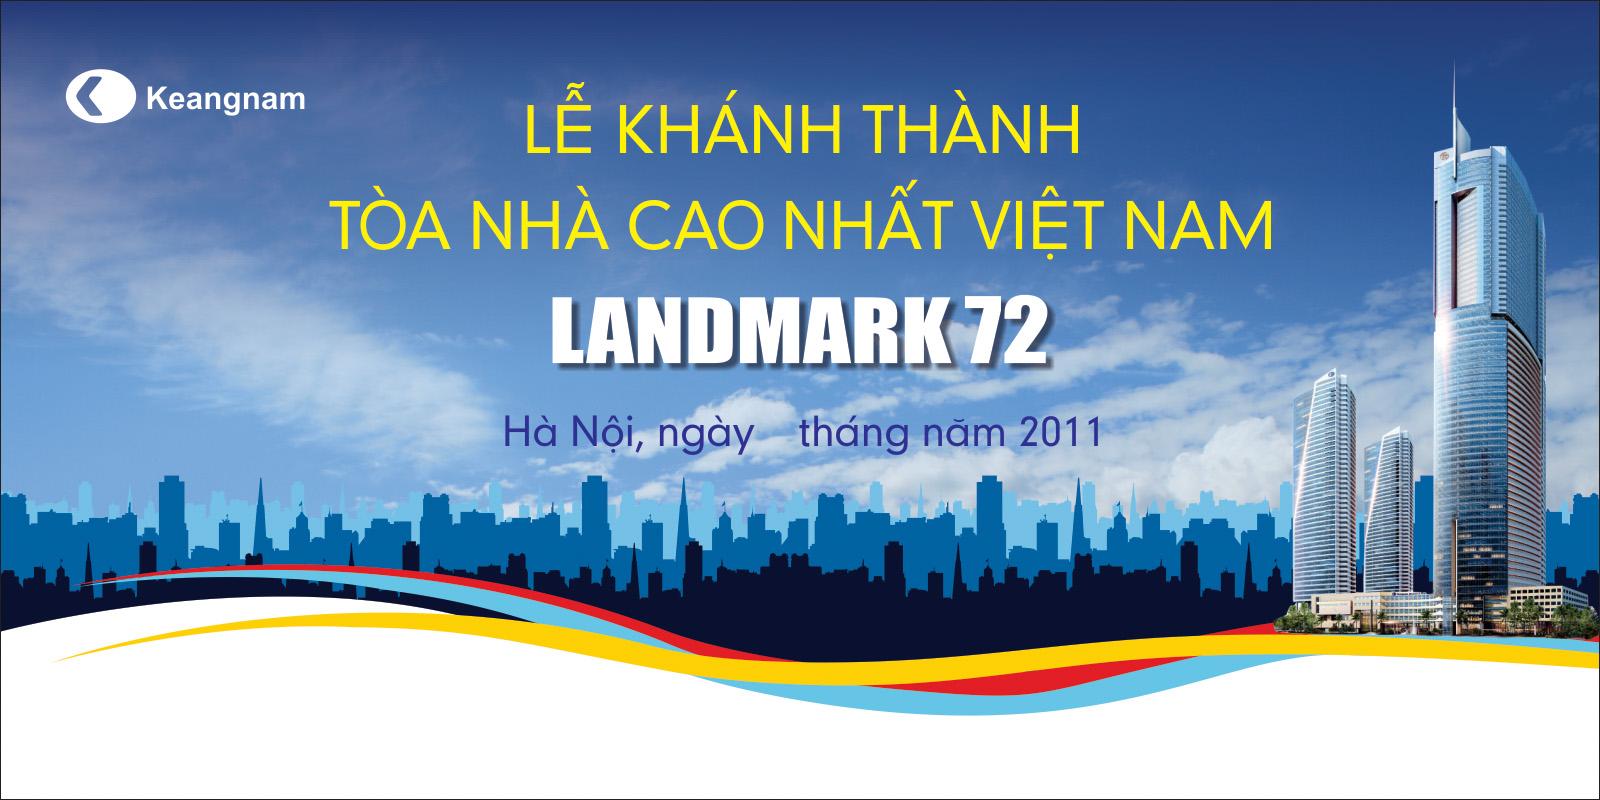 Thiết Kế Backdrop - Phông Sân Khấu - Keangnam Landmark72